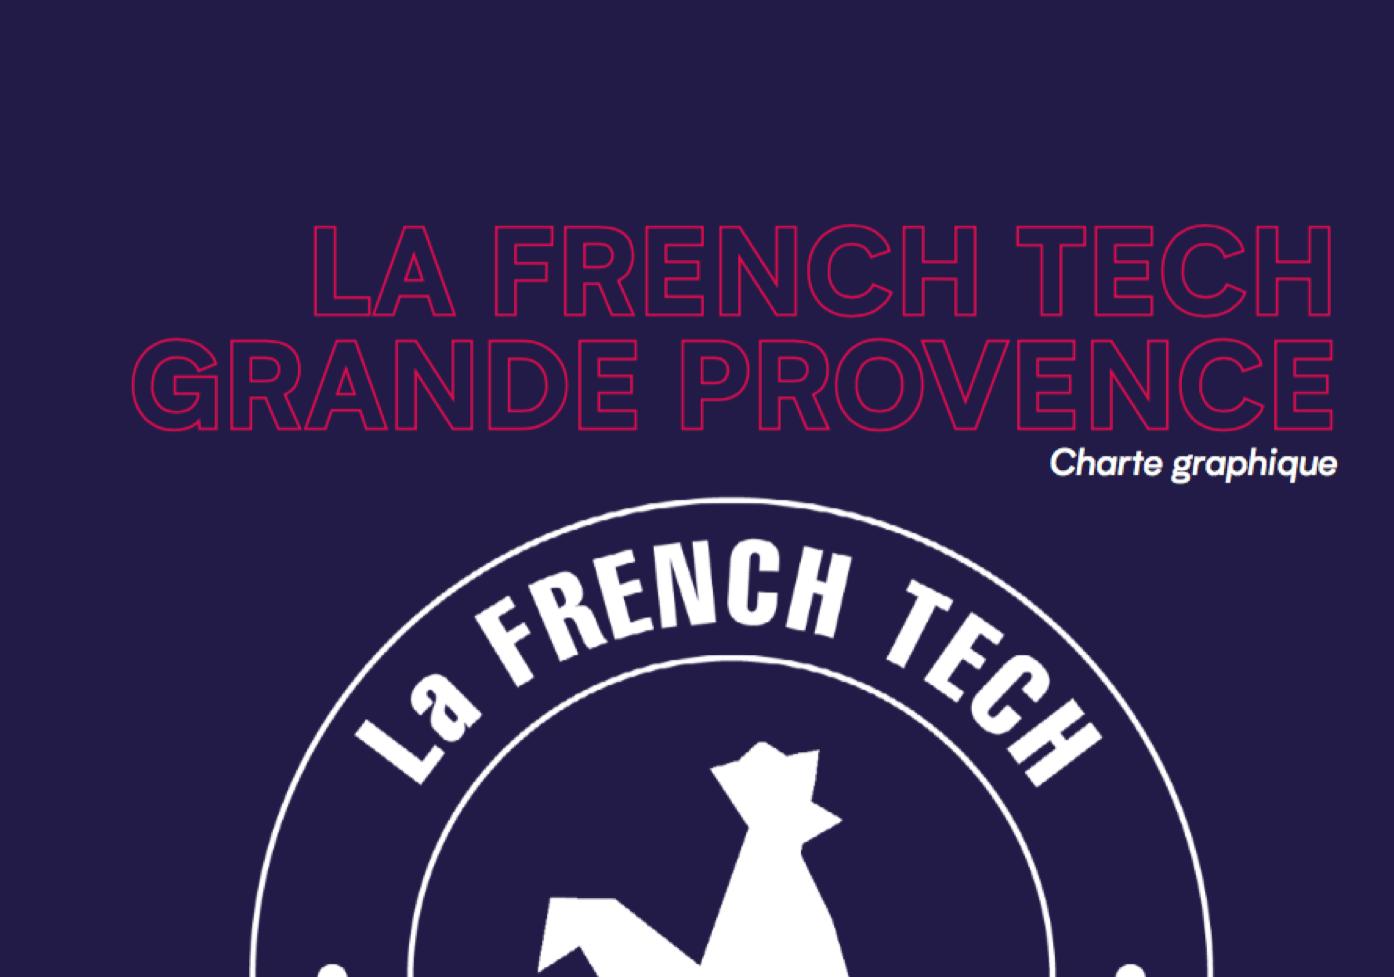 Charte Graphique La French Tech Grande Provence